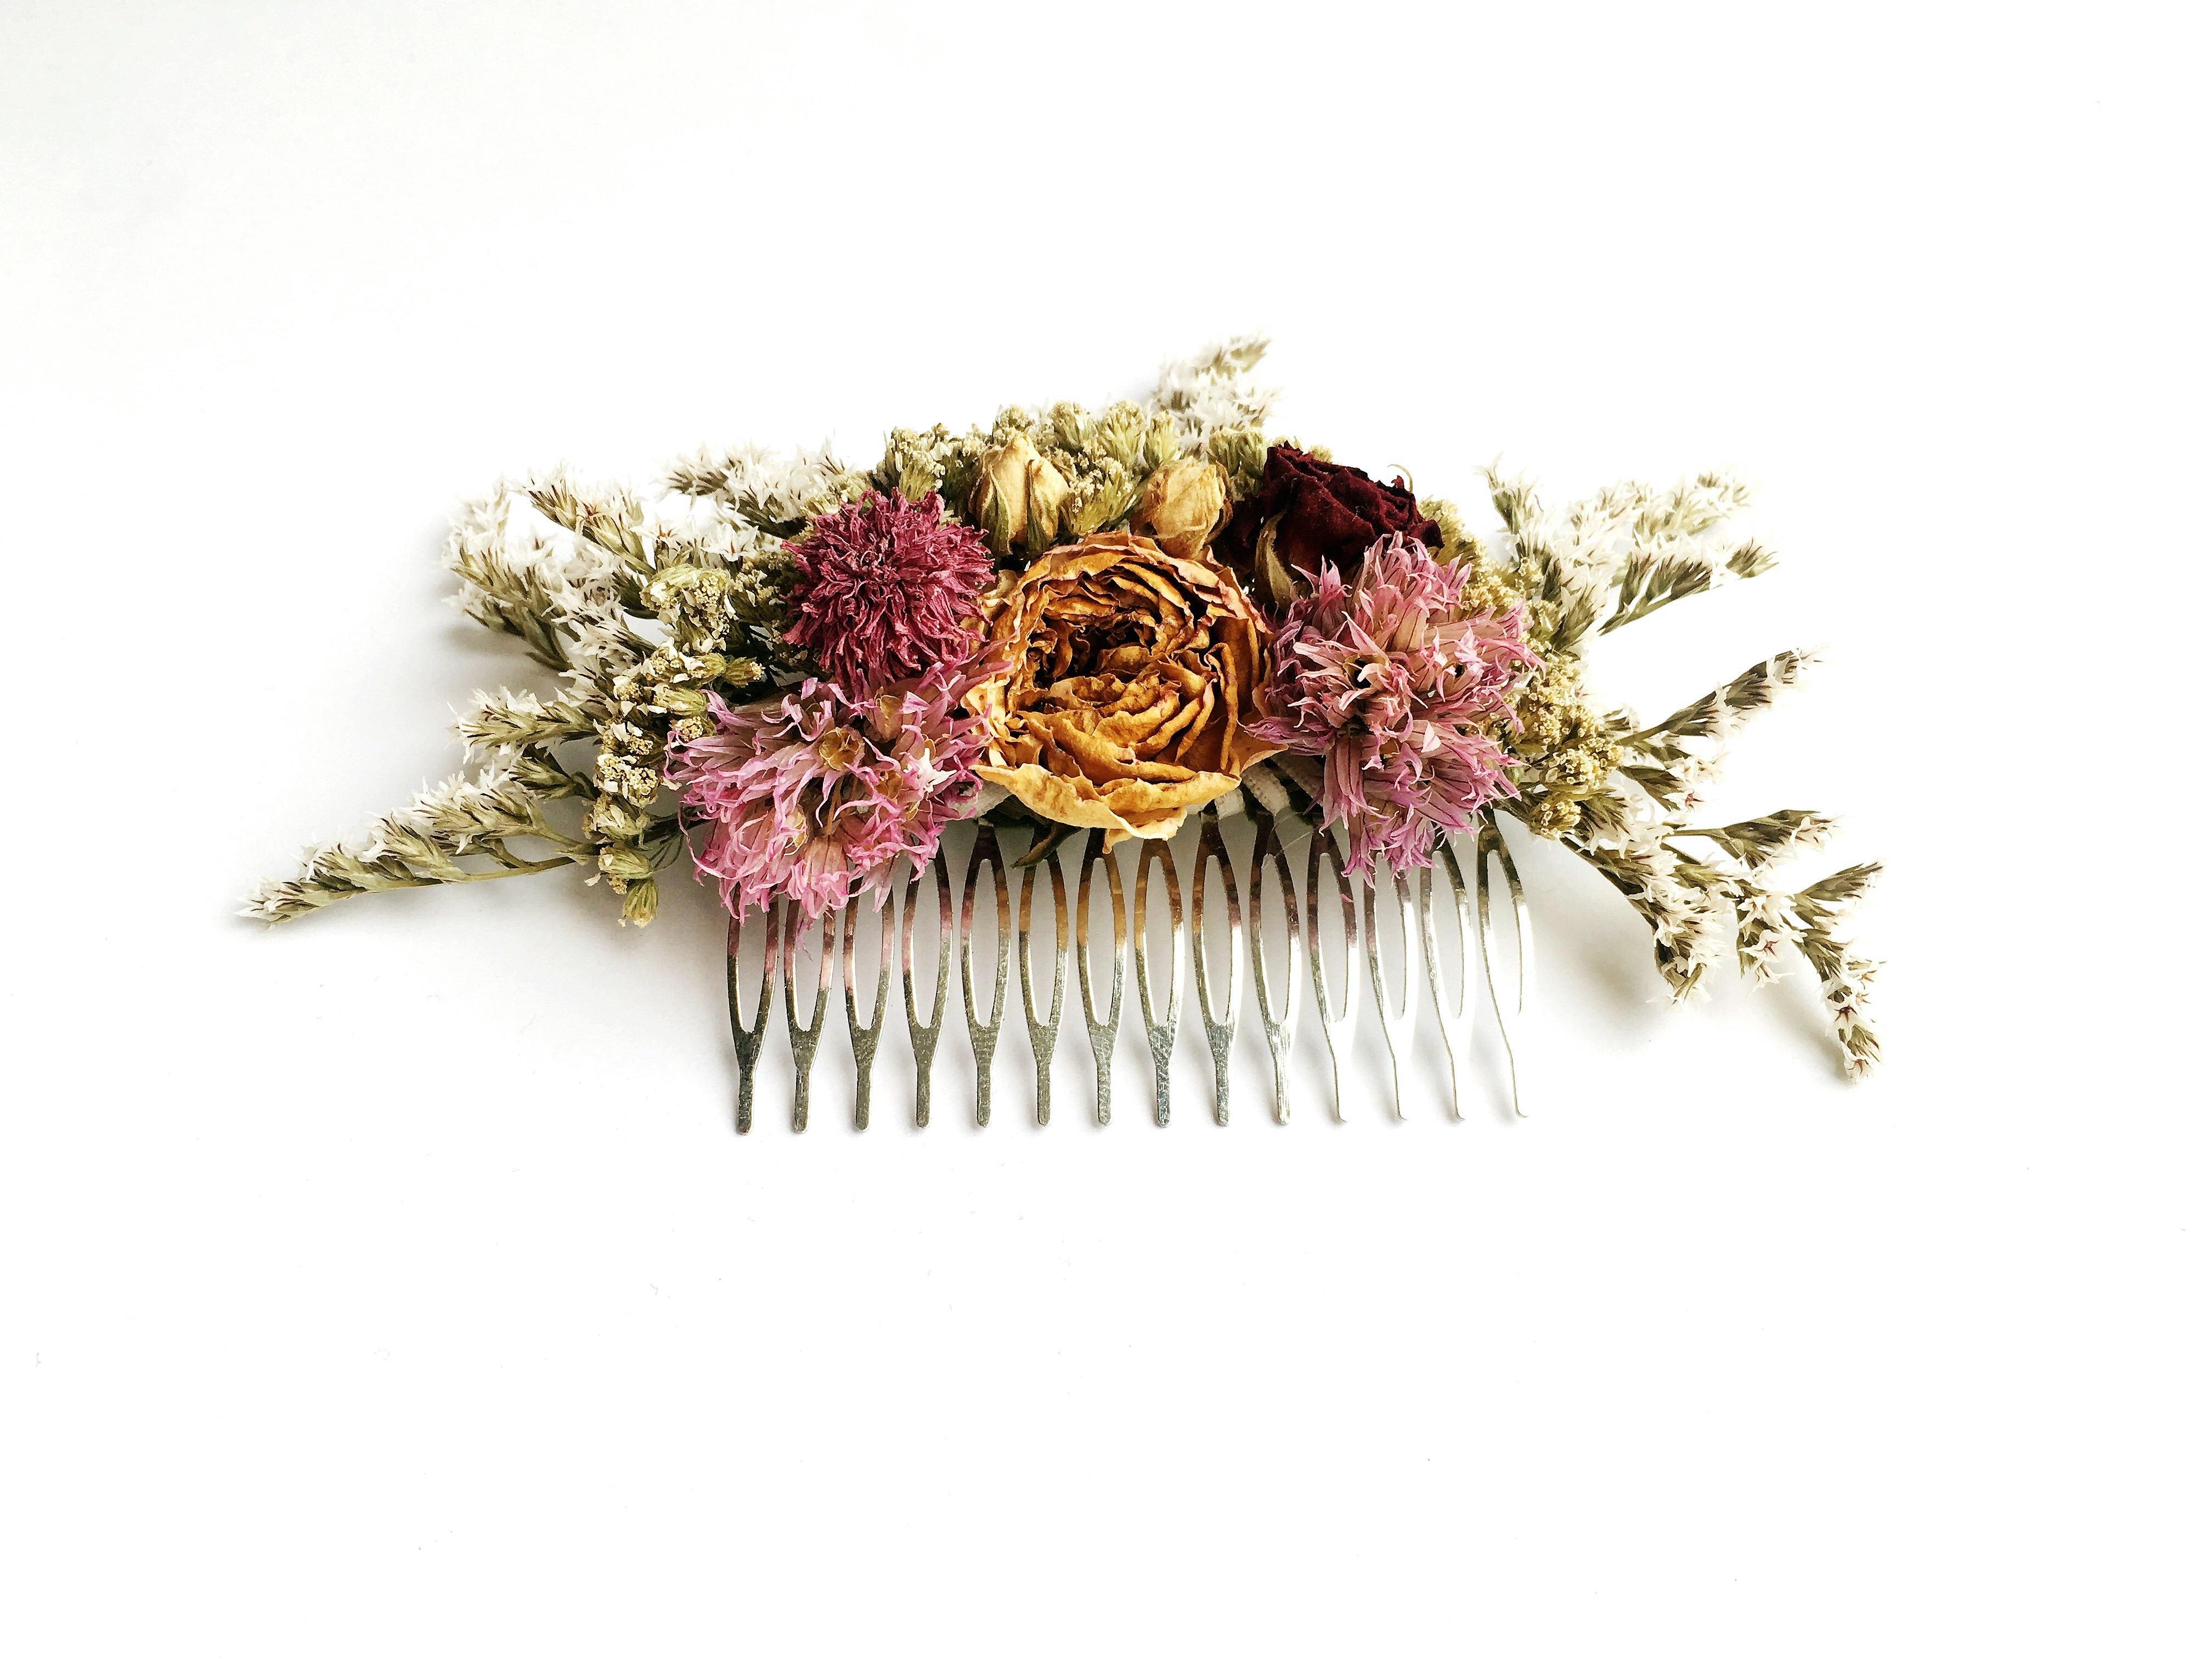 Blumenkamm LEVINLOVE - giuliblum - langhaltende Blumenkränze und Blumenaccessoires